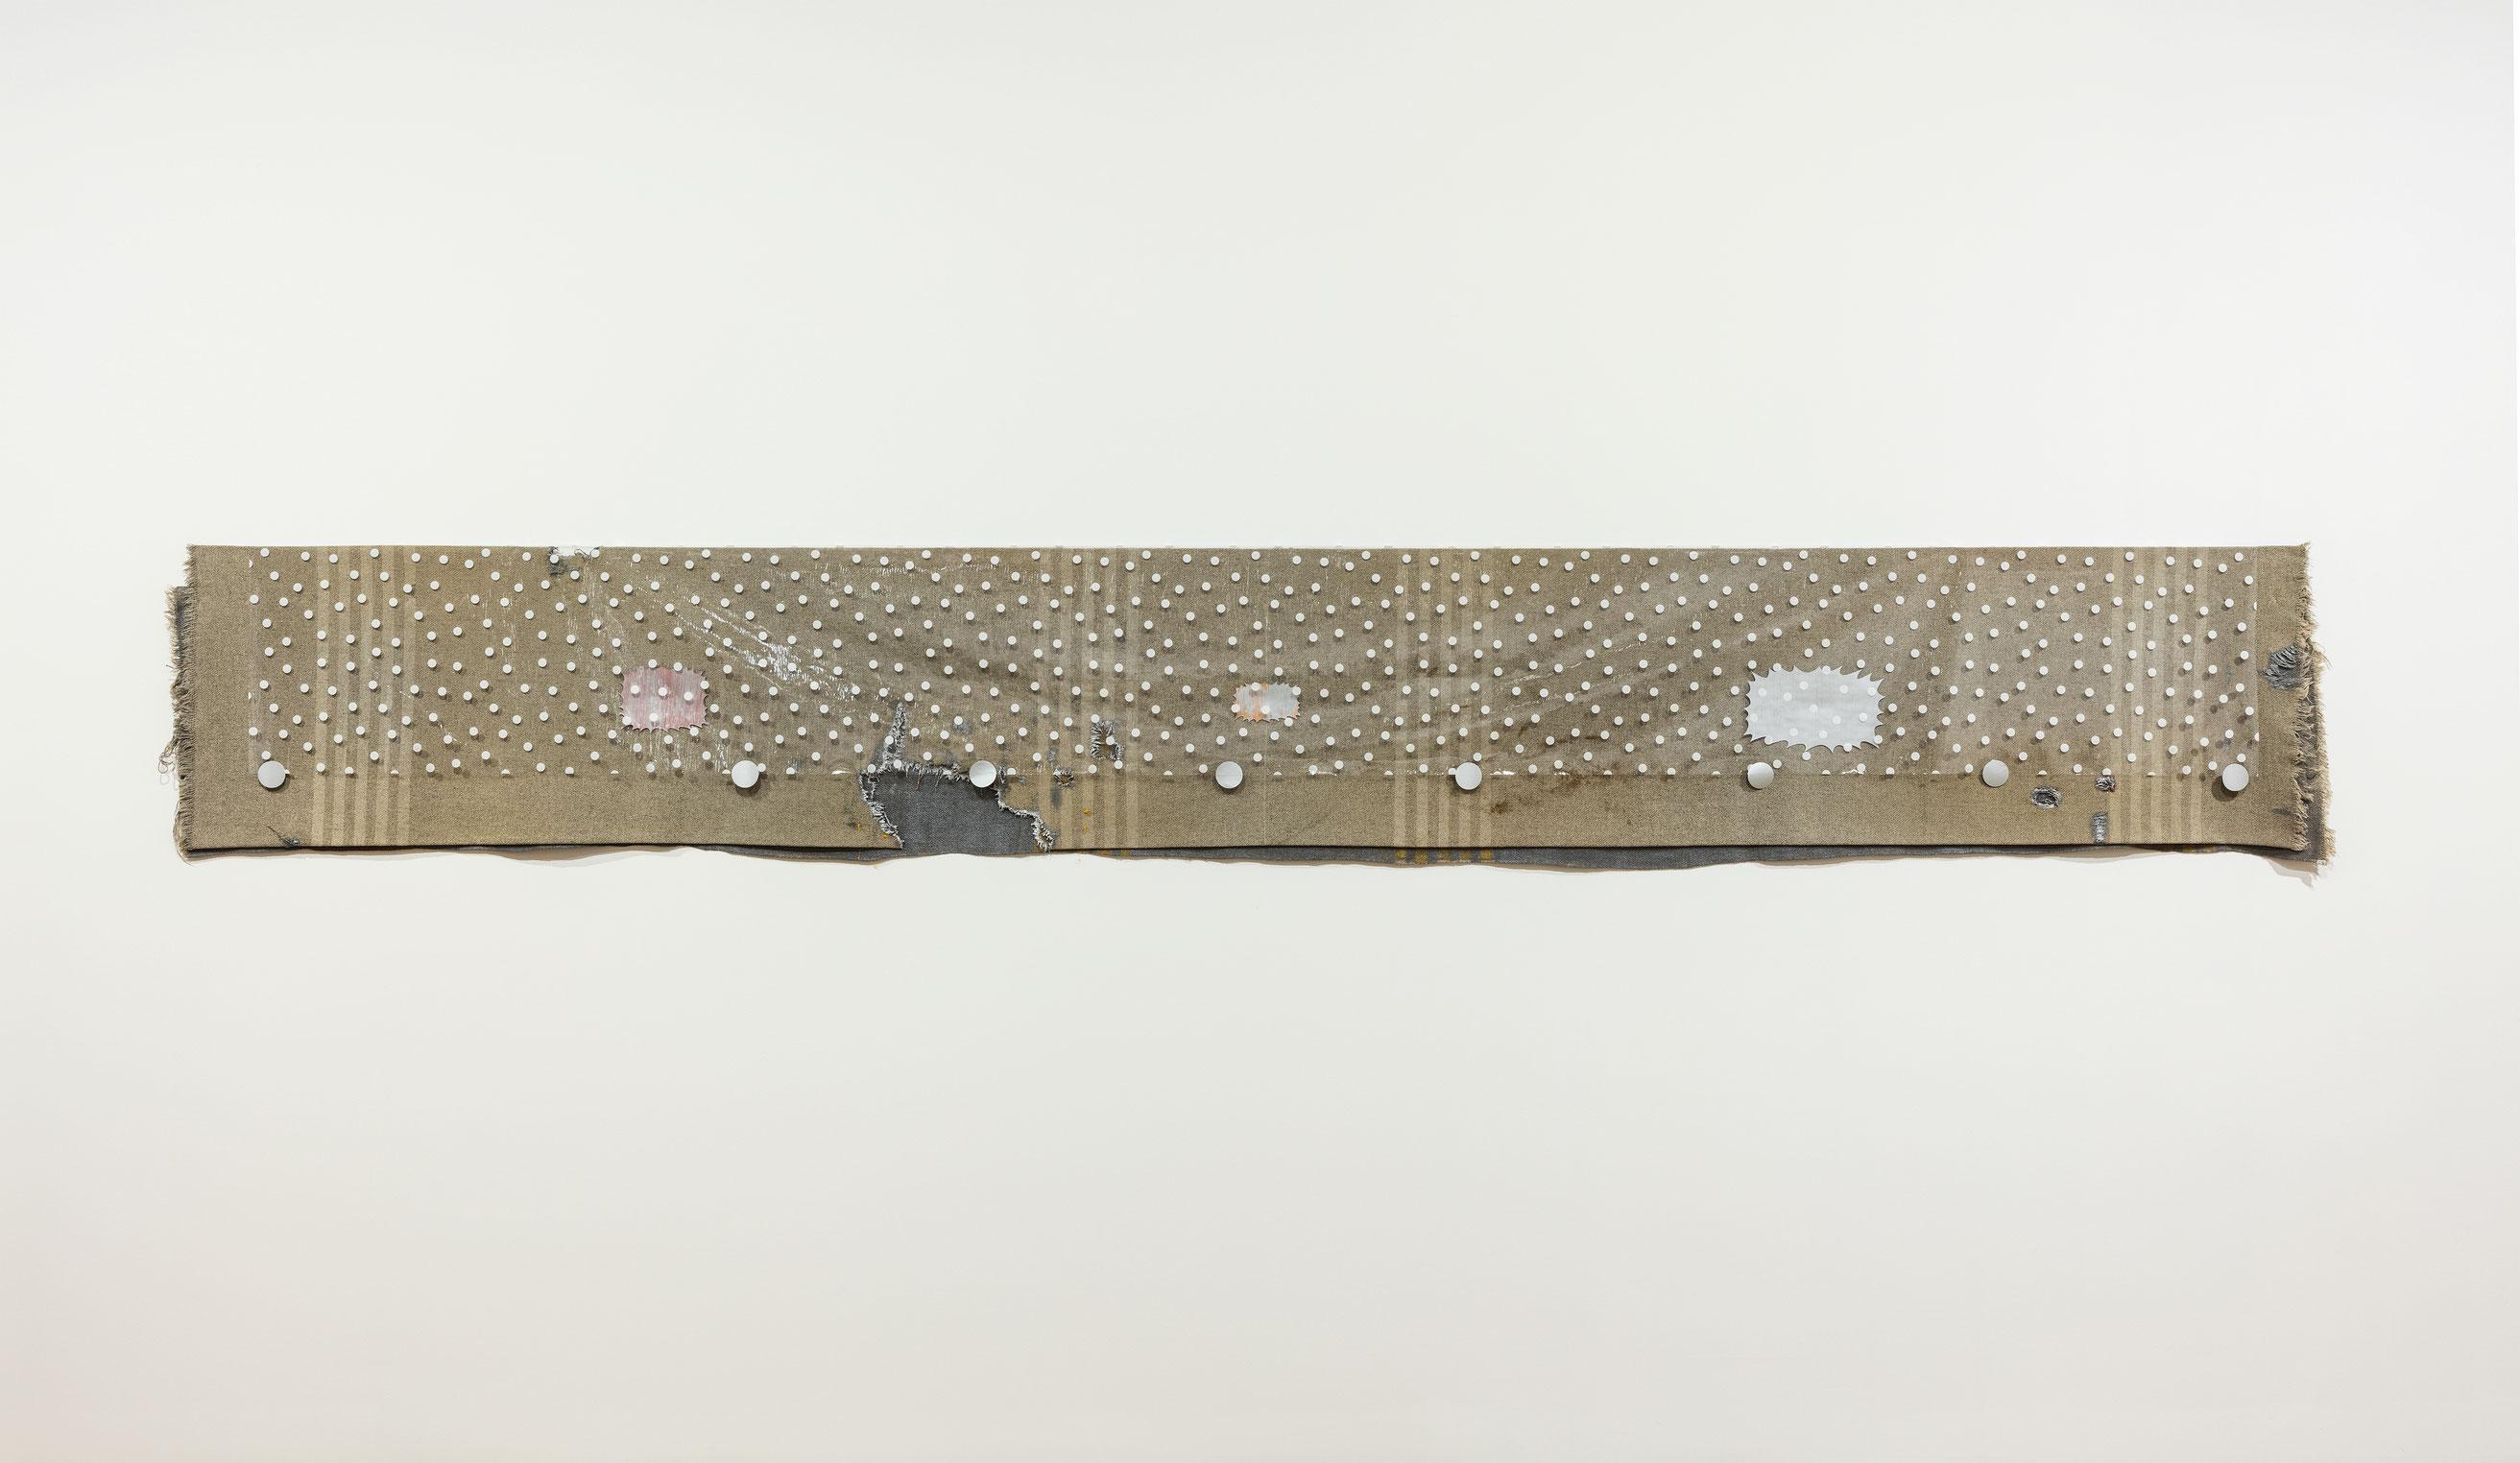 Violator, 2015, Liz Magor, Laine, plastique, gypse polymérisé, cellophane et autocollant.